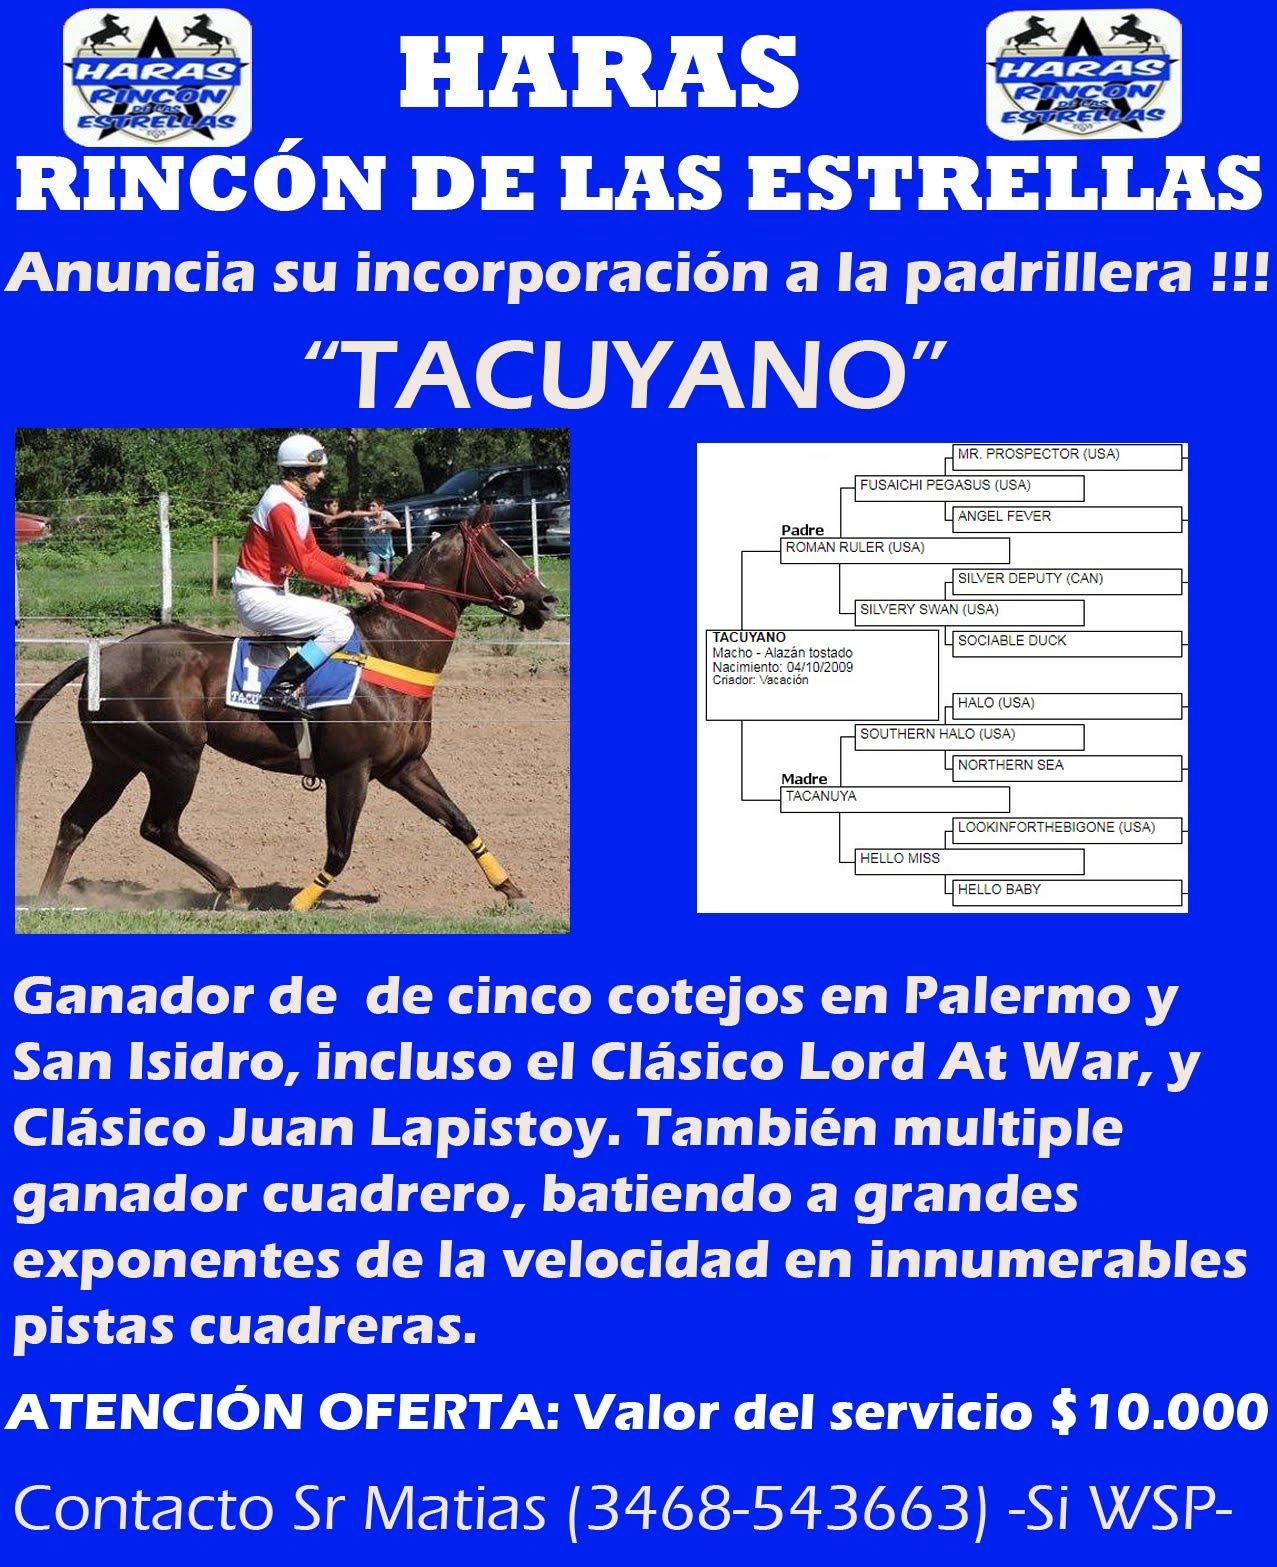 HS RINC ESTRELLAS TACUYANO